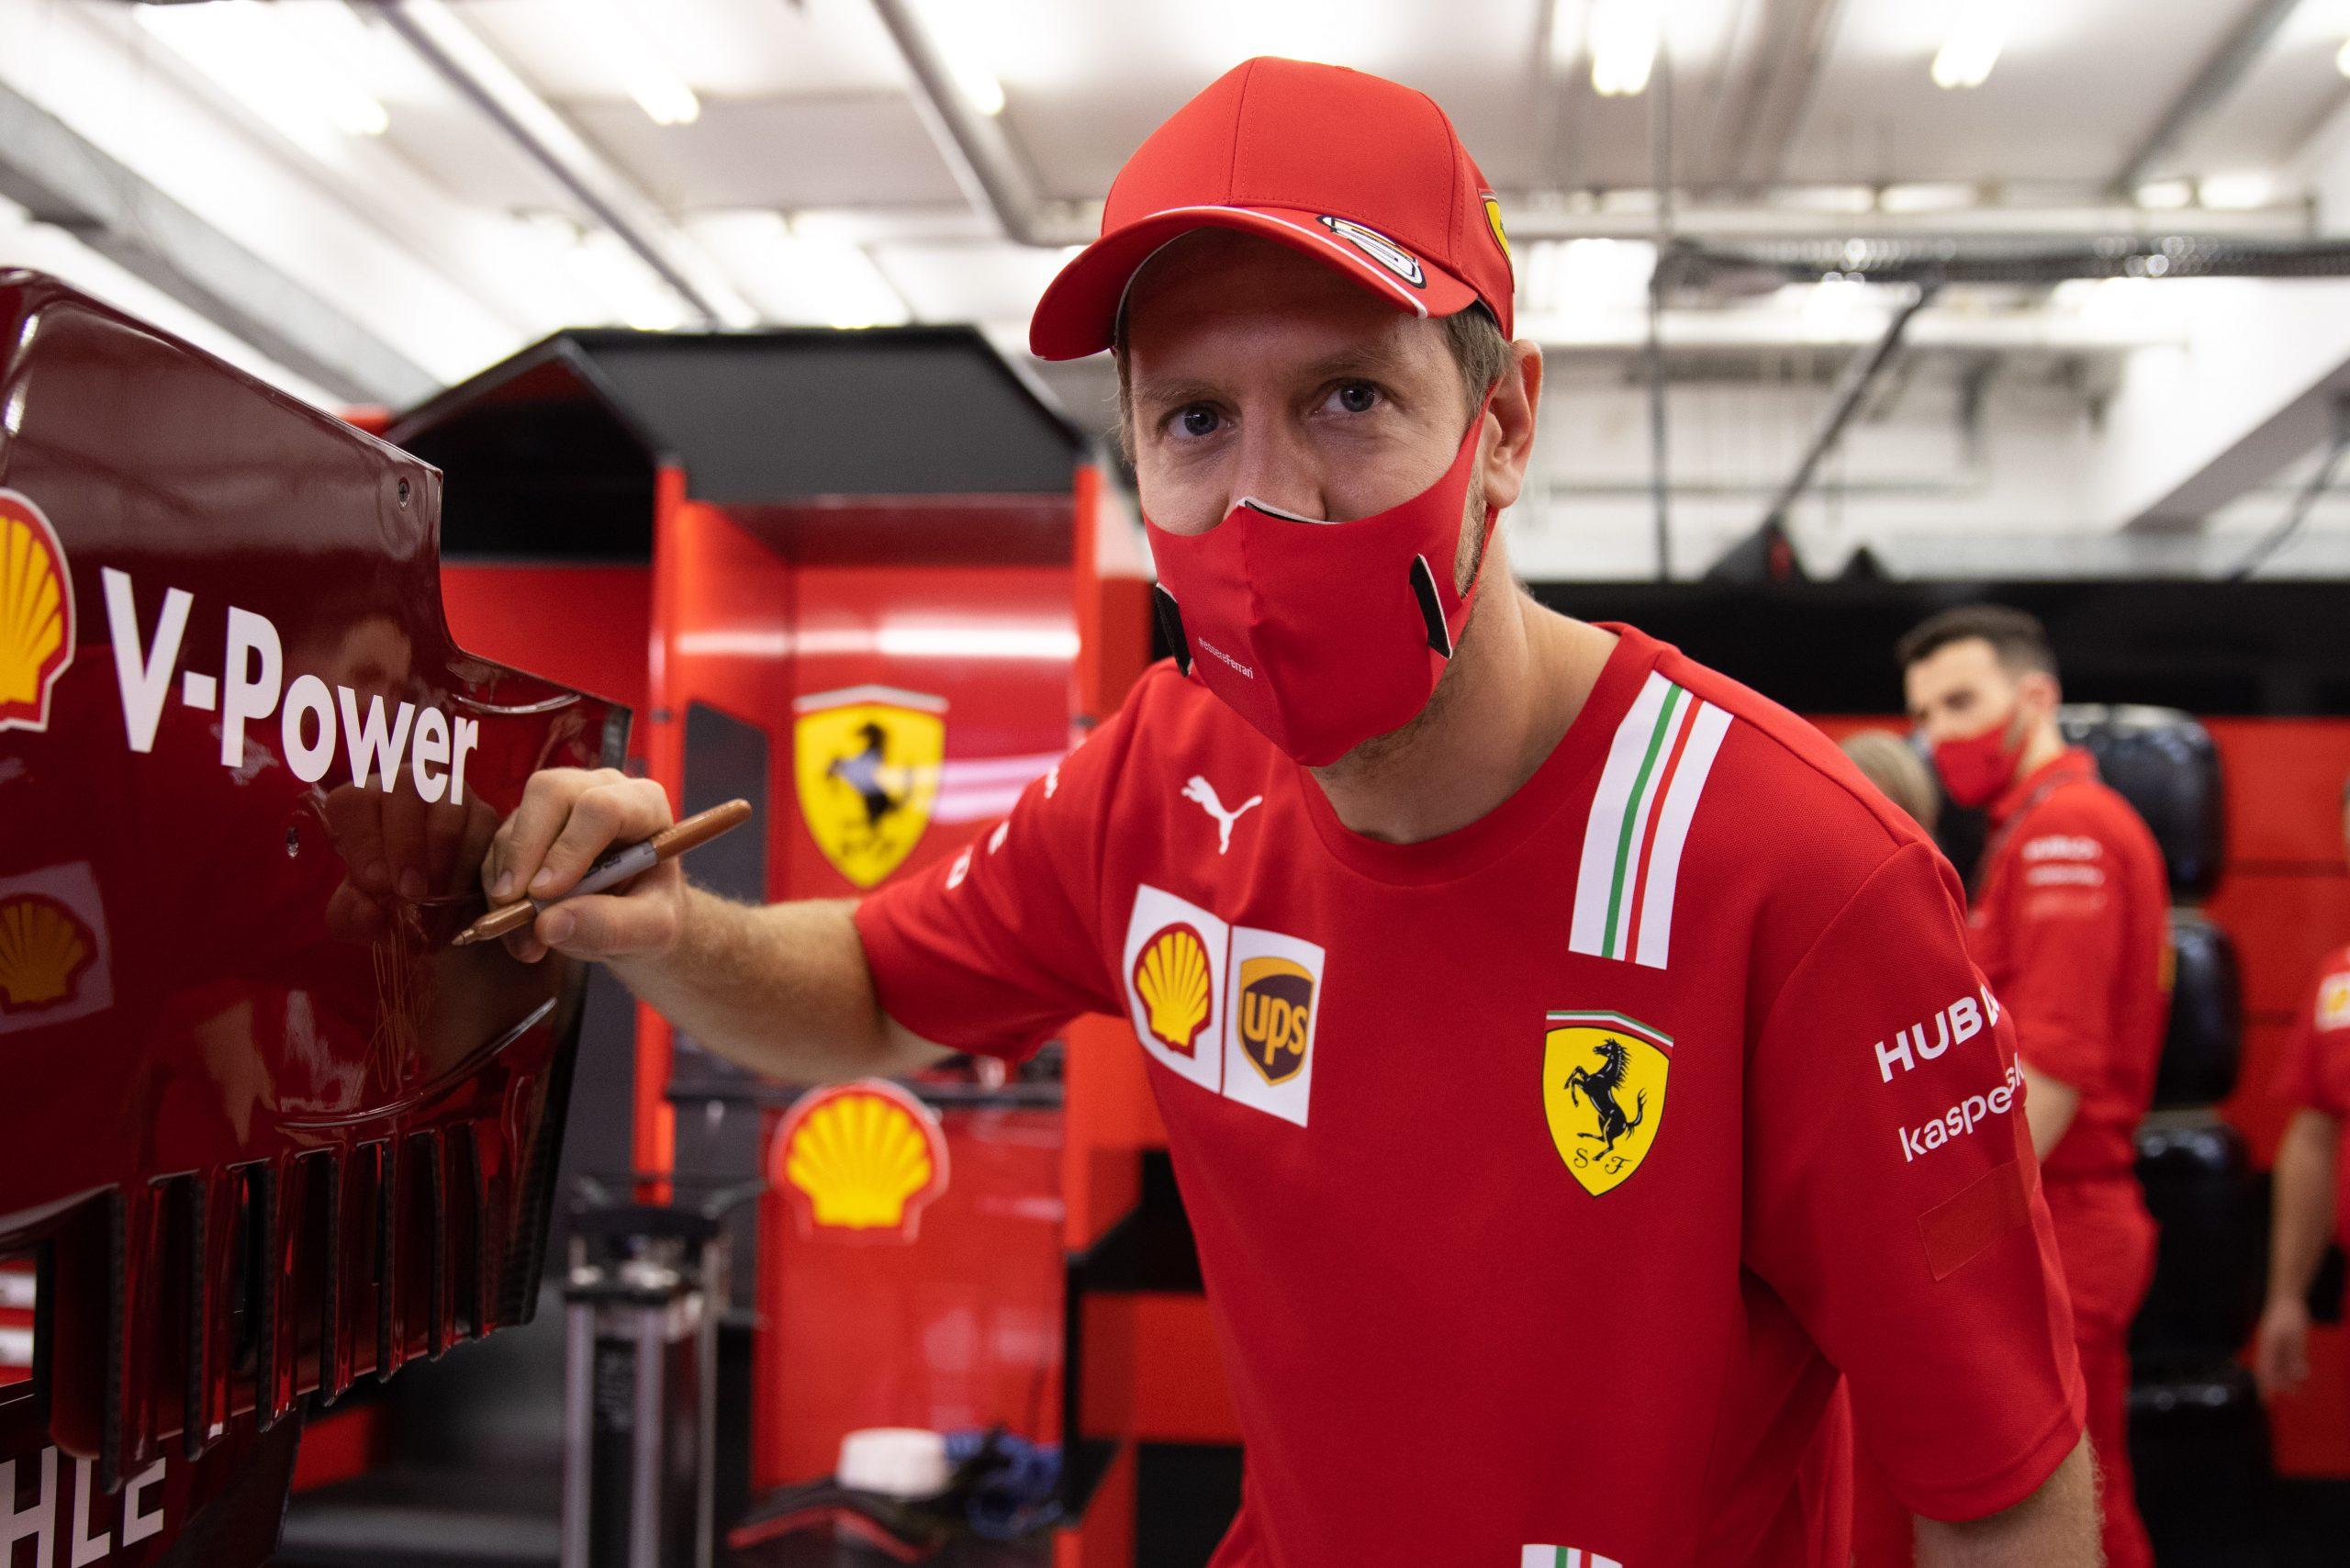 F1 - Ferrari met en vente une réplique de la SF1000 et sa livrée spéciale 1000GP